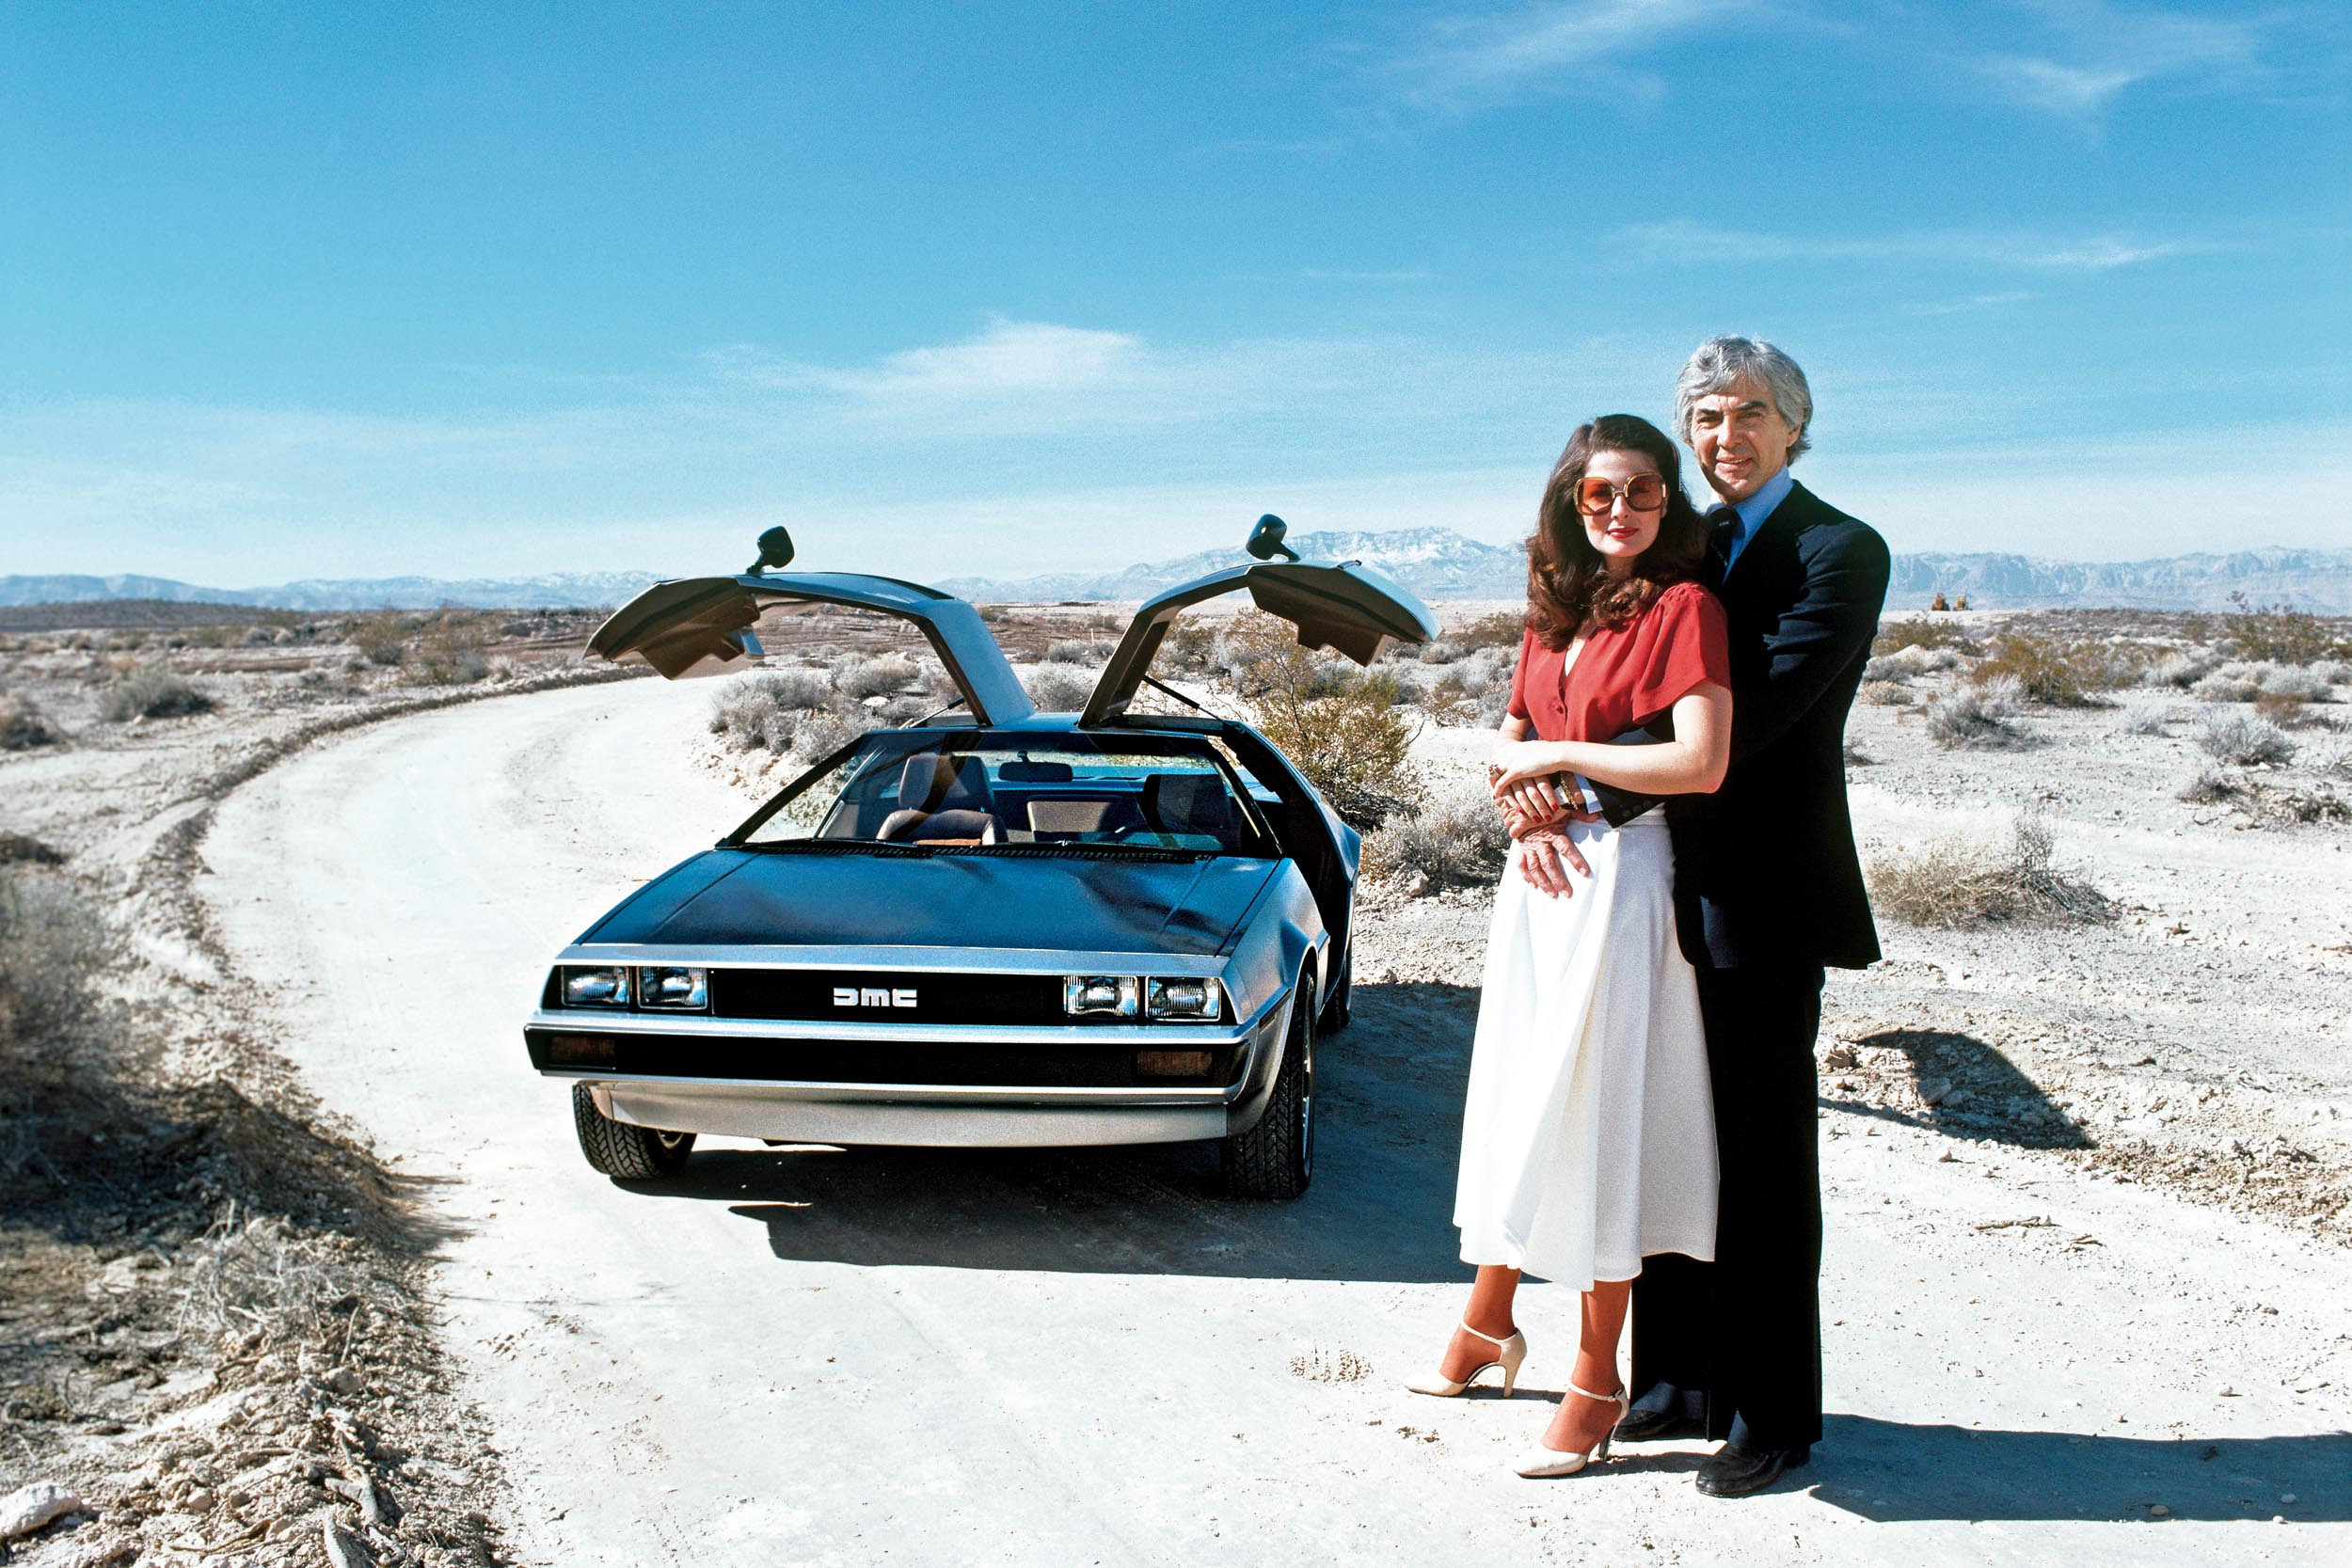 Med sin unge vakre modellkone Cristina ved sin side kunne DeLorean skape et enda mer glamorøst inntrykk av seg selv.